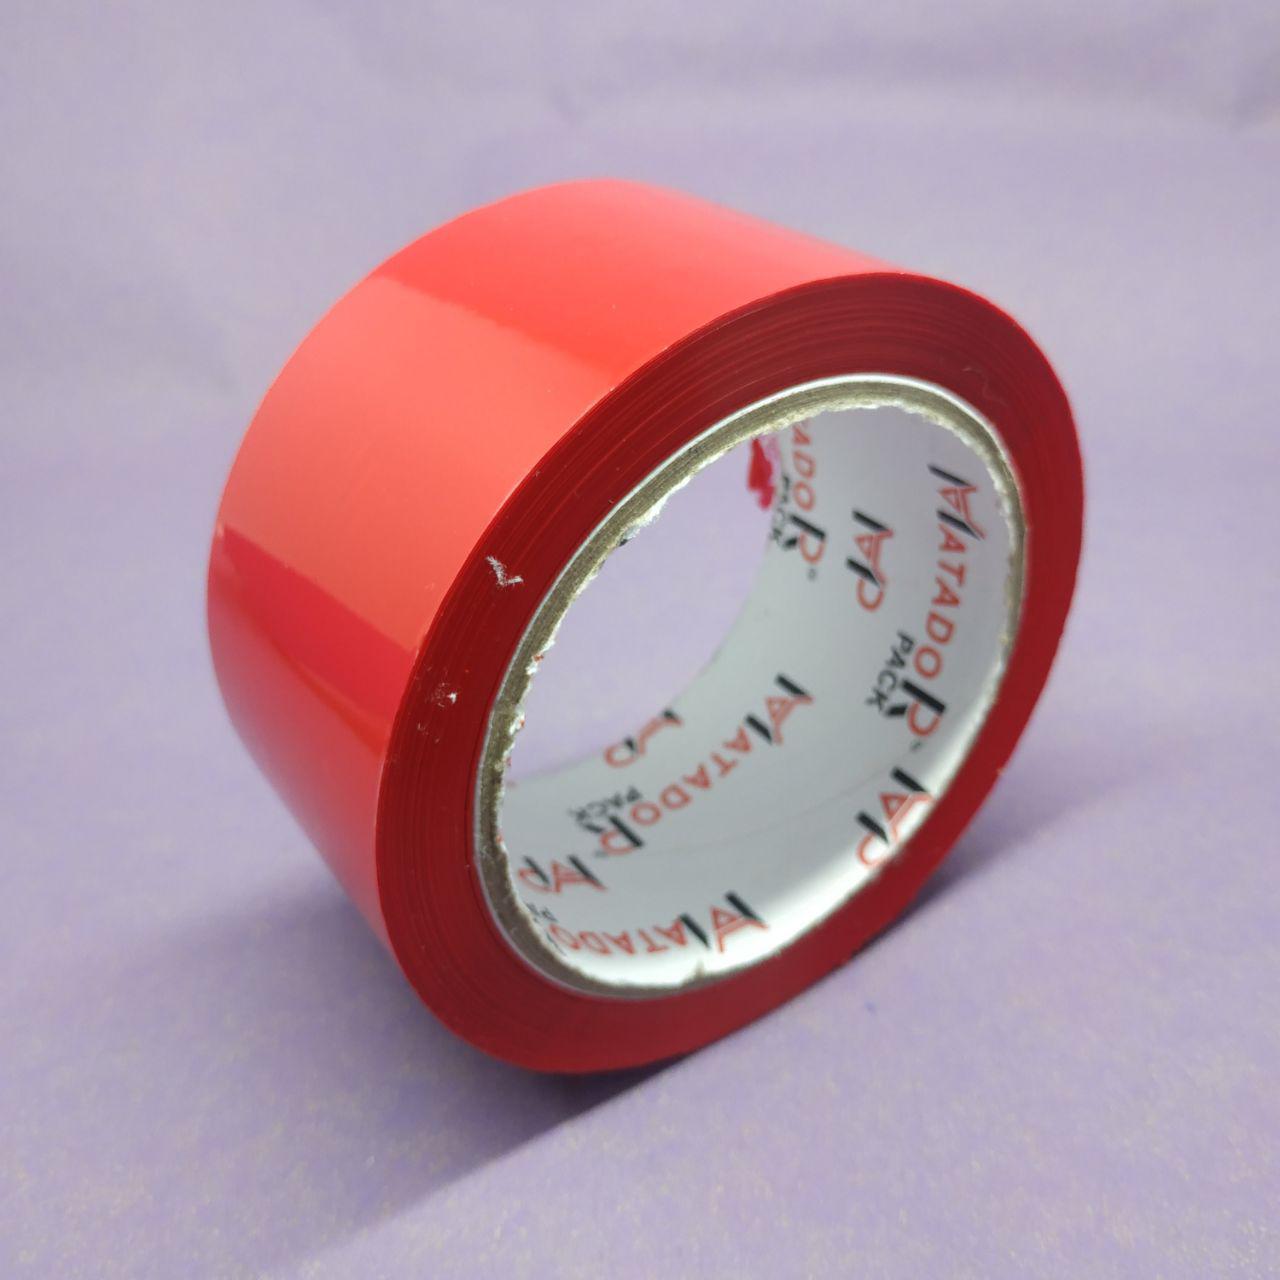 Скотч упаковочный красный Matador — длинна — 100 м, ширина — 48 мм, упаковка — 6 шт